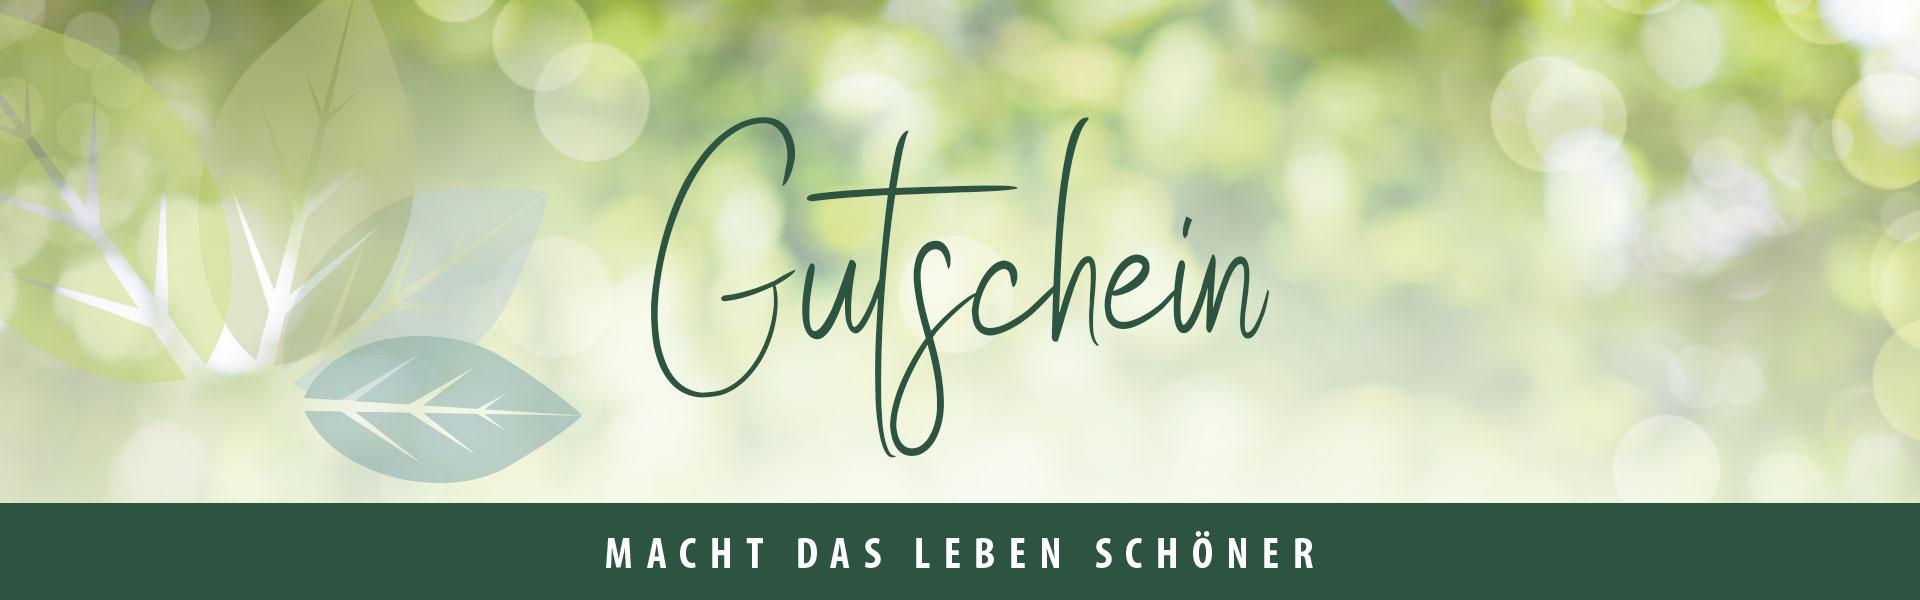 AumannGartenundWohnen_Gutschein_v1